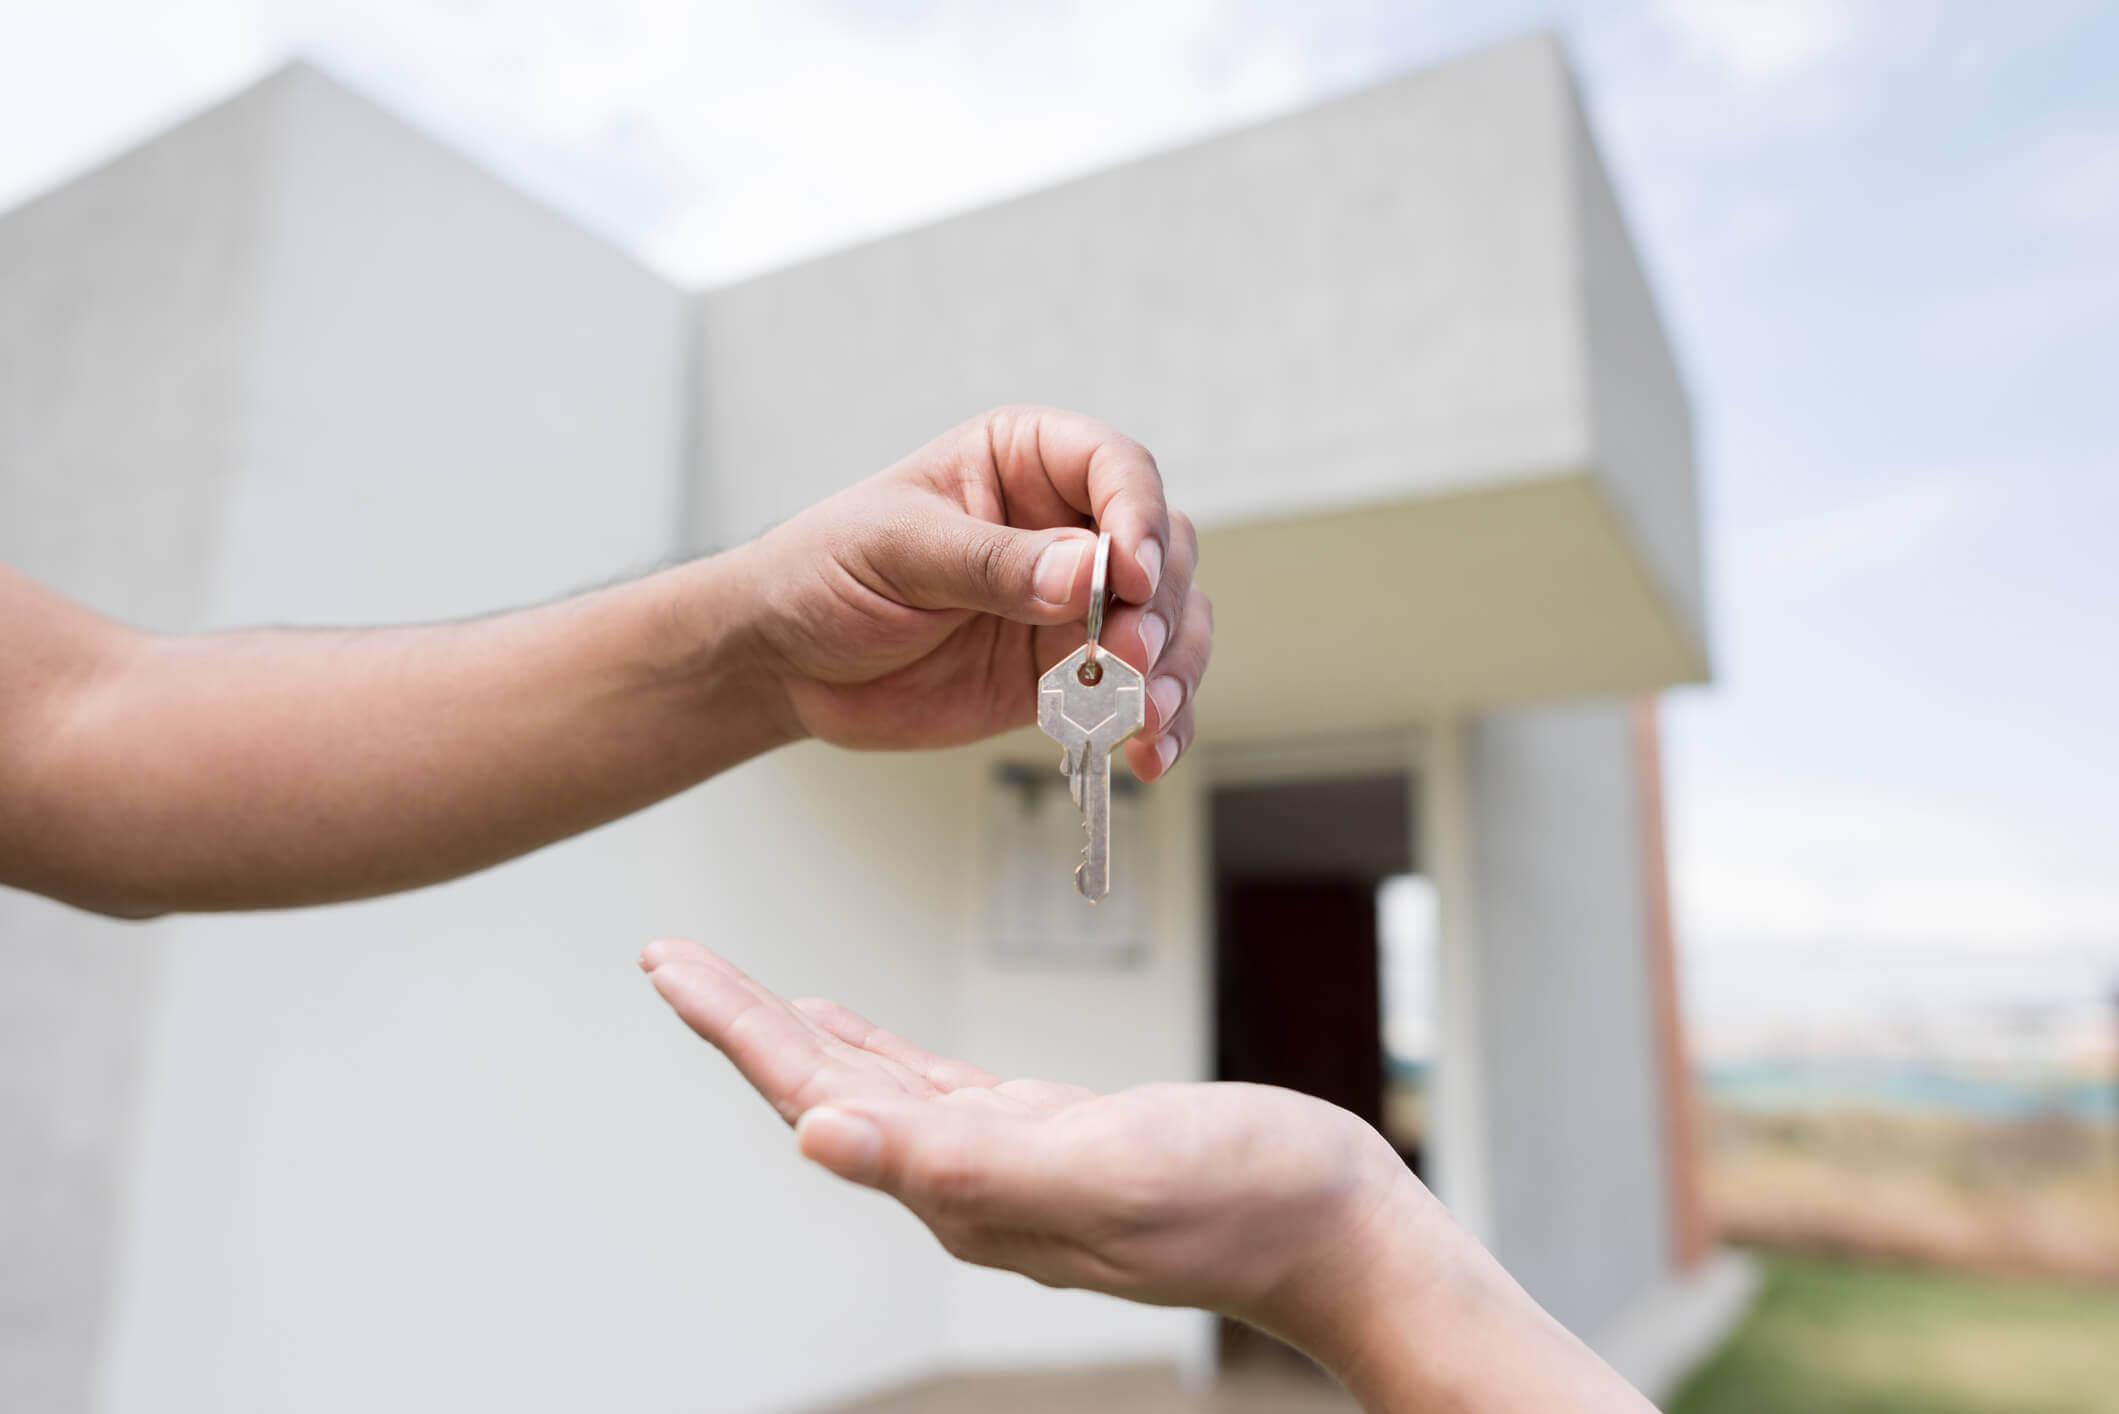 Uma mão entregando chave numa outra mão com uma casa branca ao fundo